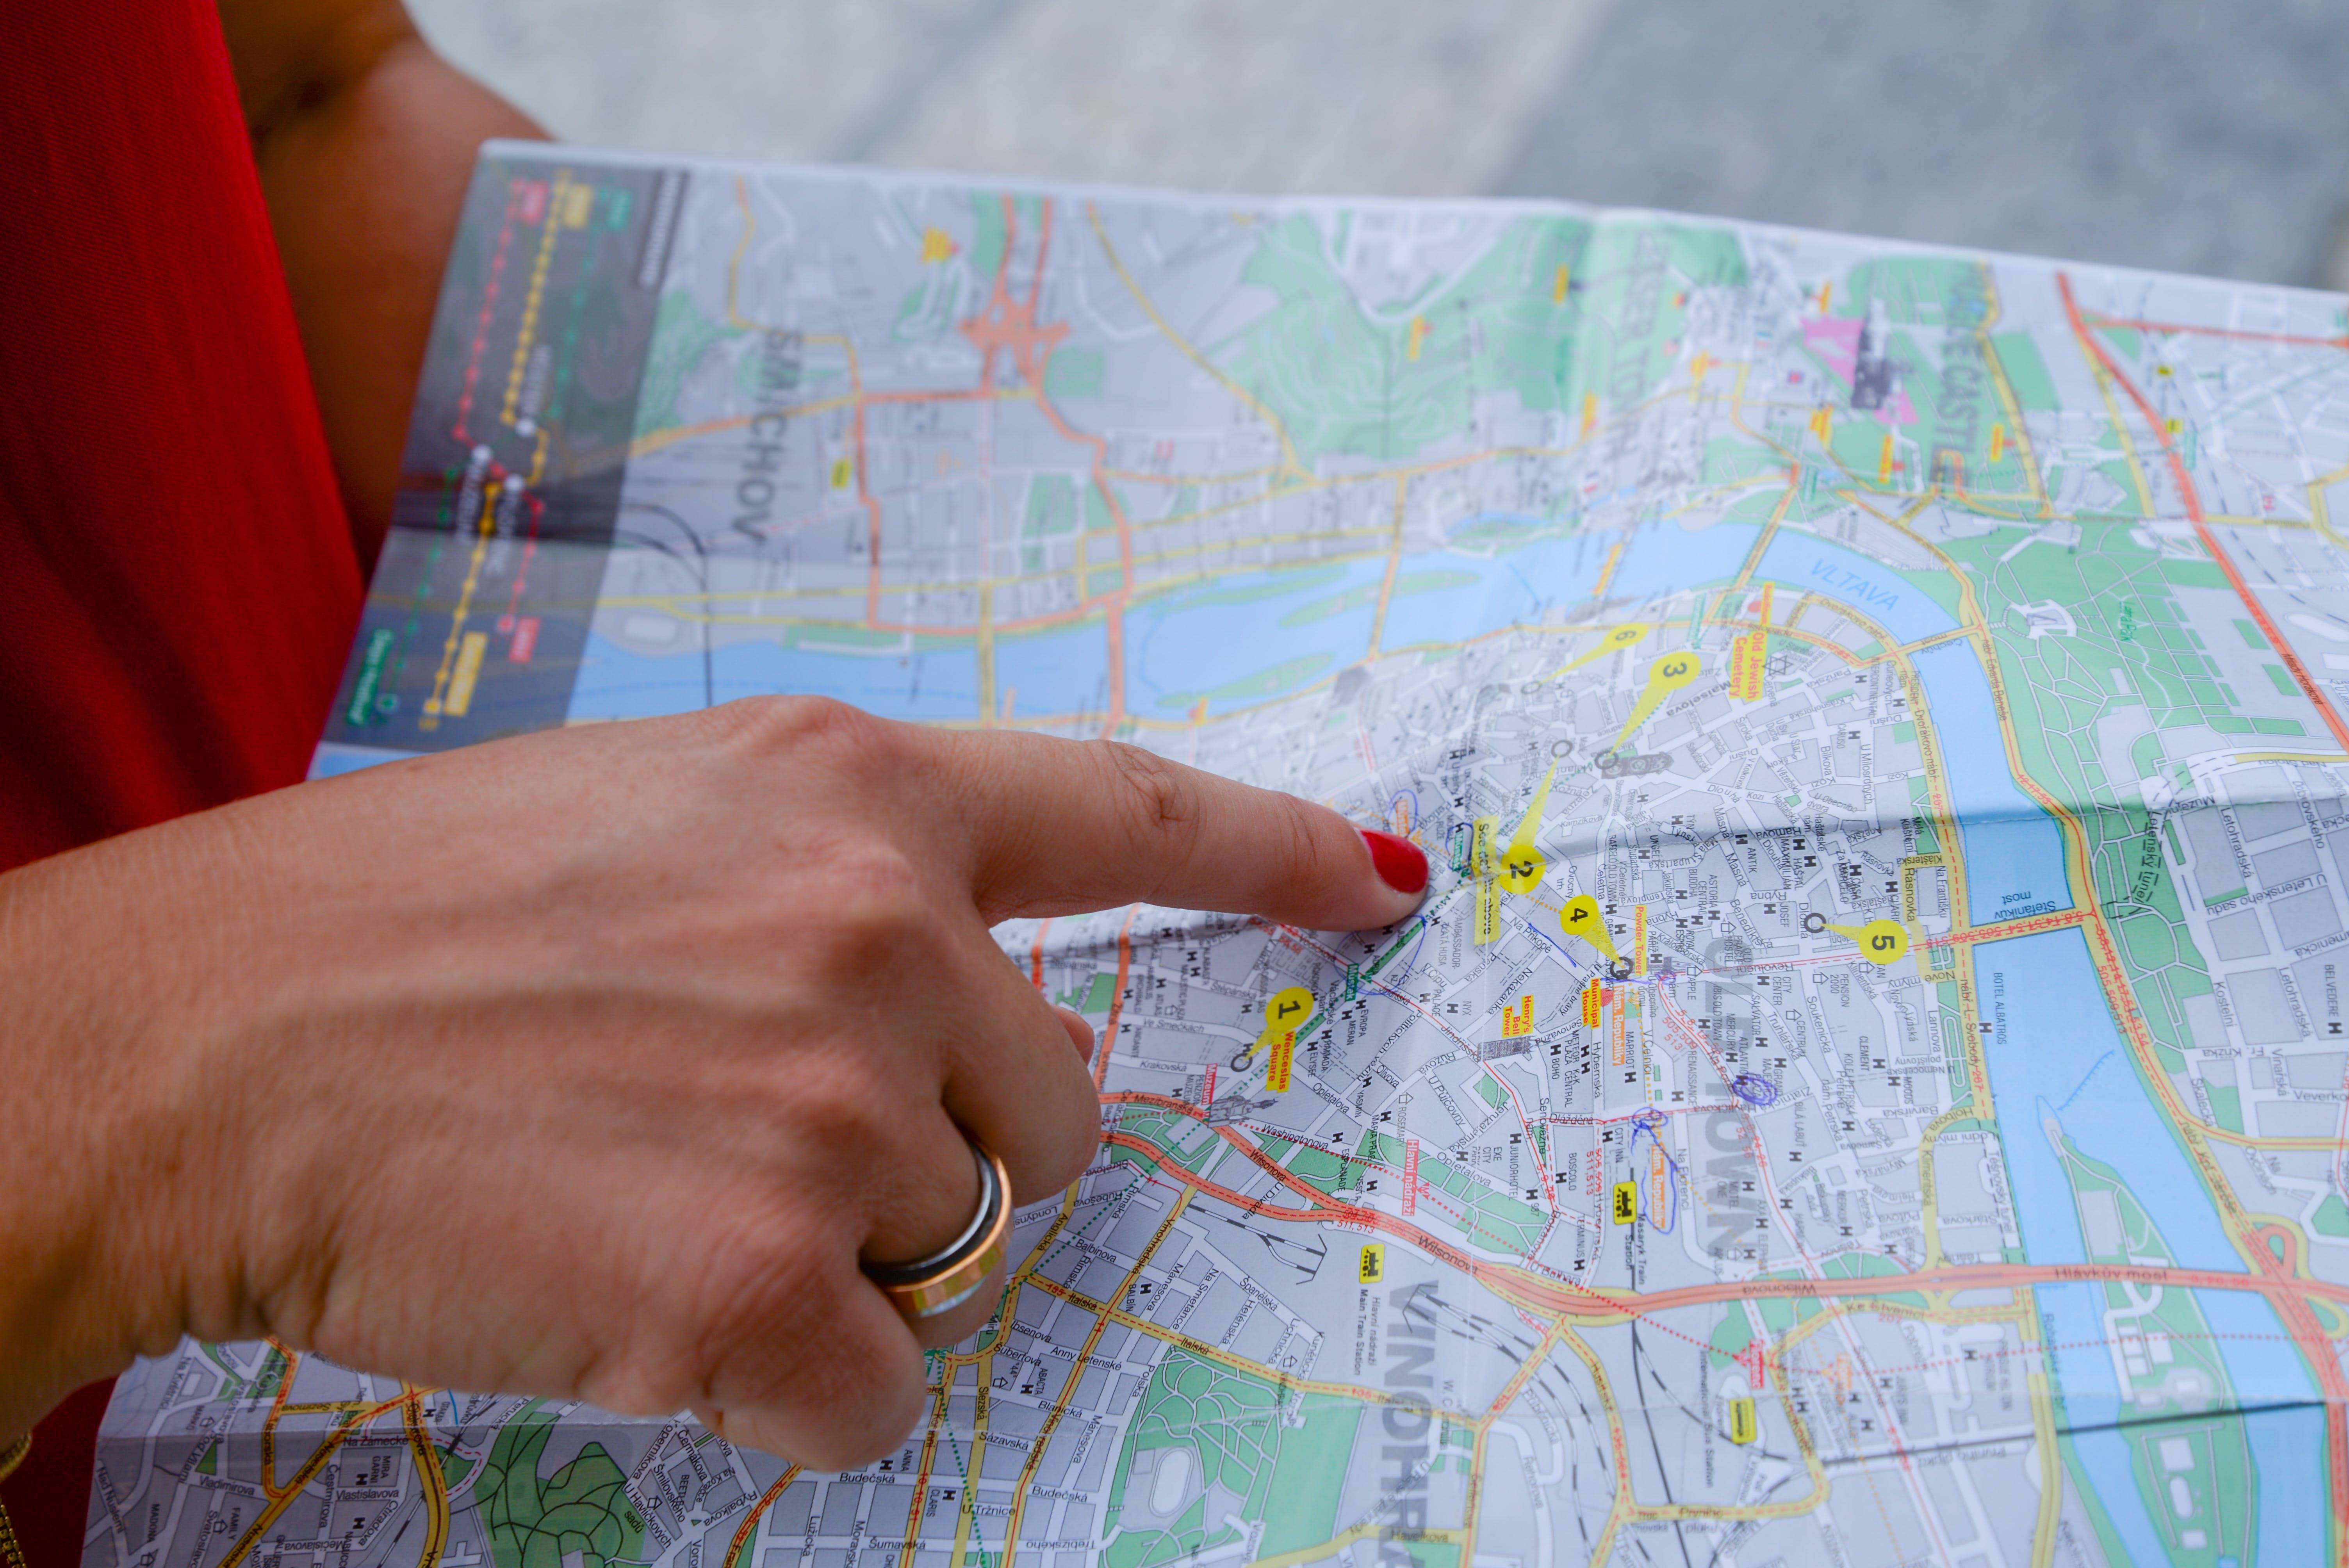 Orang Menunjuk Peta Peta